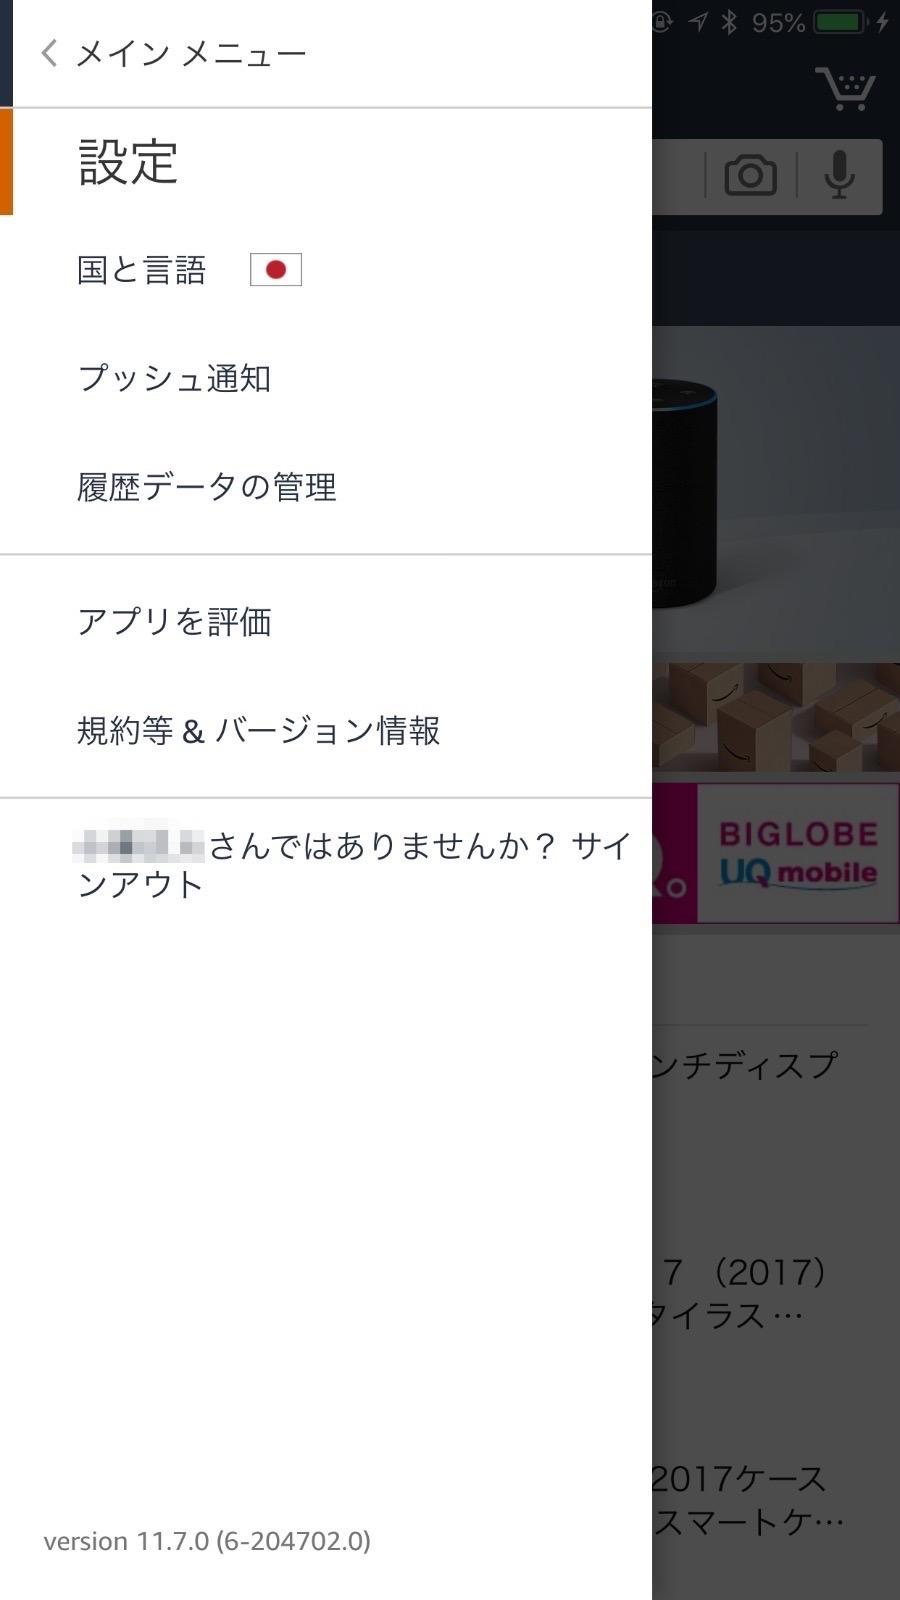 【Amazonショッピングアプリ】Amazon.comの商品を日本から購入できる「インターナショナルショッピング」機能を追加